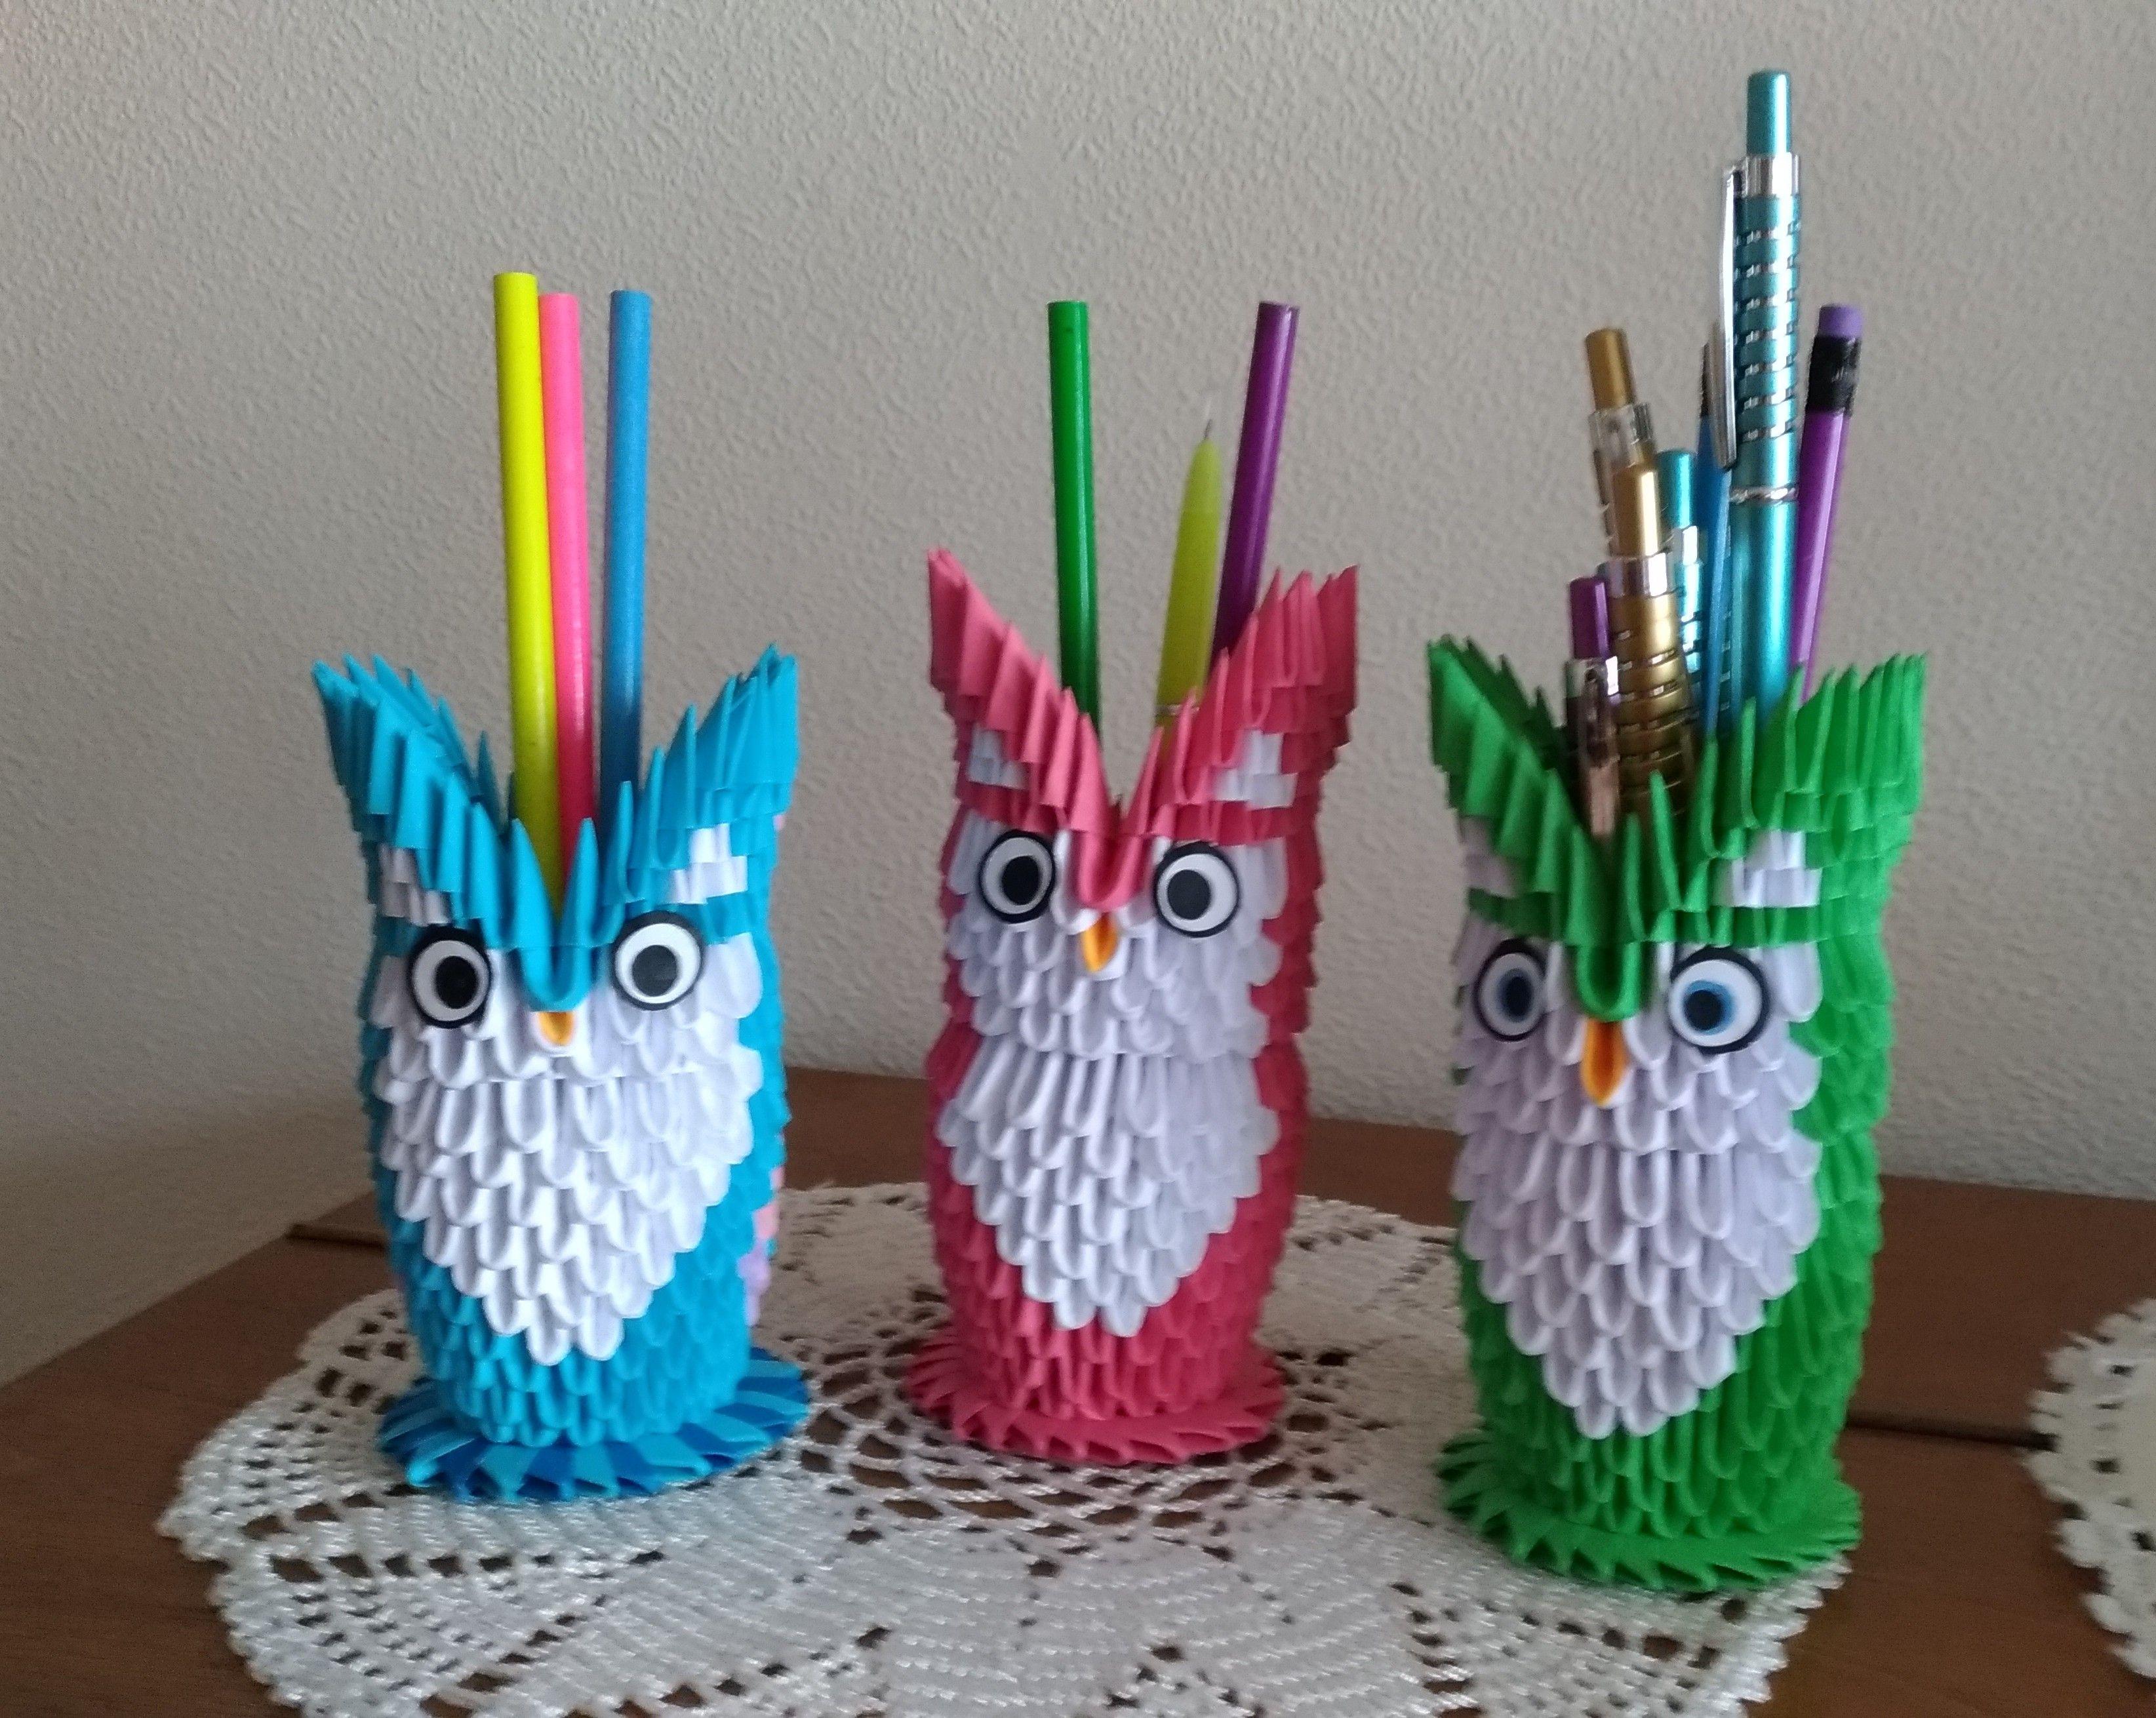 Оригами из треугольных модулей: пошаговые мастер-классы по изготовлению вазы, лебедя, совы и кошки